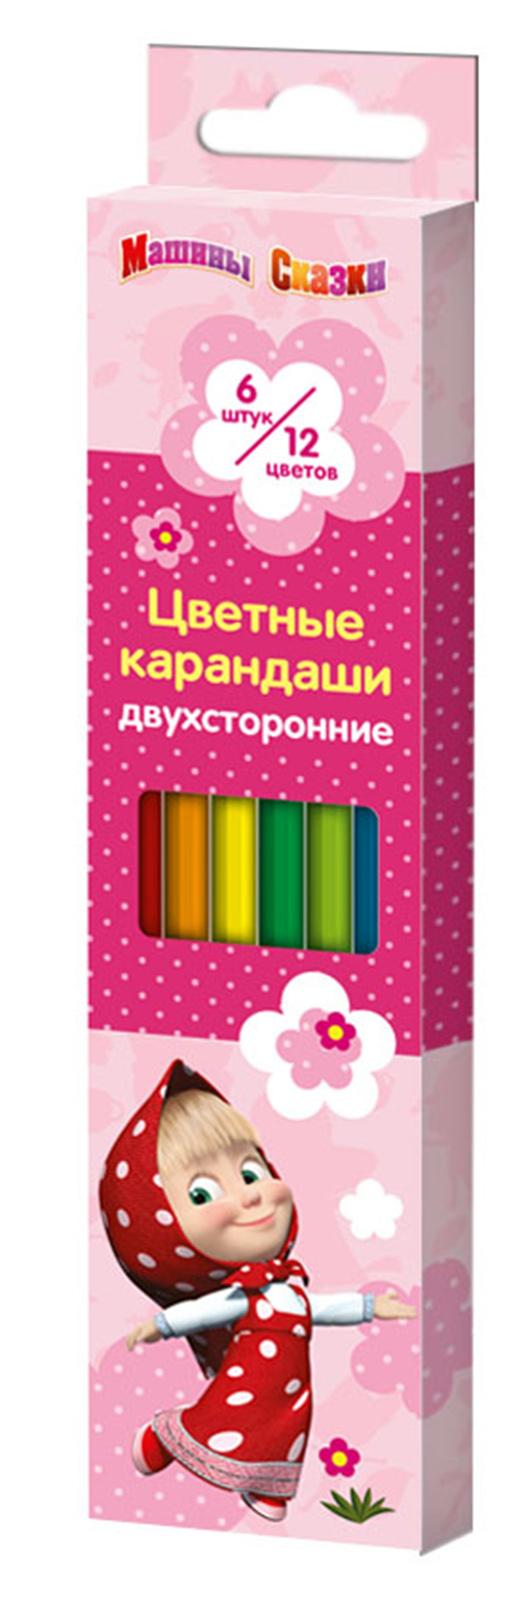 Цветные карандаши двусторонние «Маша и Медведь» 6 штук, 12 цветовКарандаши<br>Цветные карандаши двусторонние «Маша и Медведь» 6 штук, 12 цветов<br>